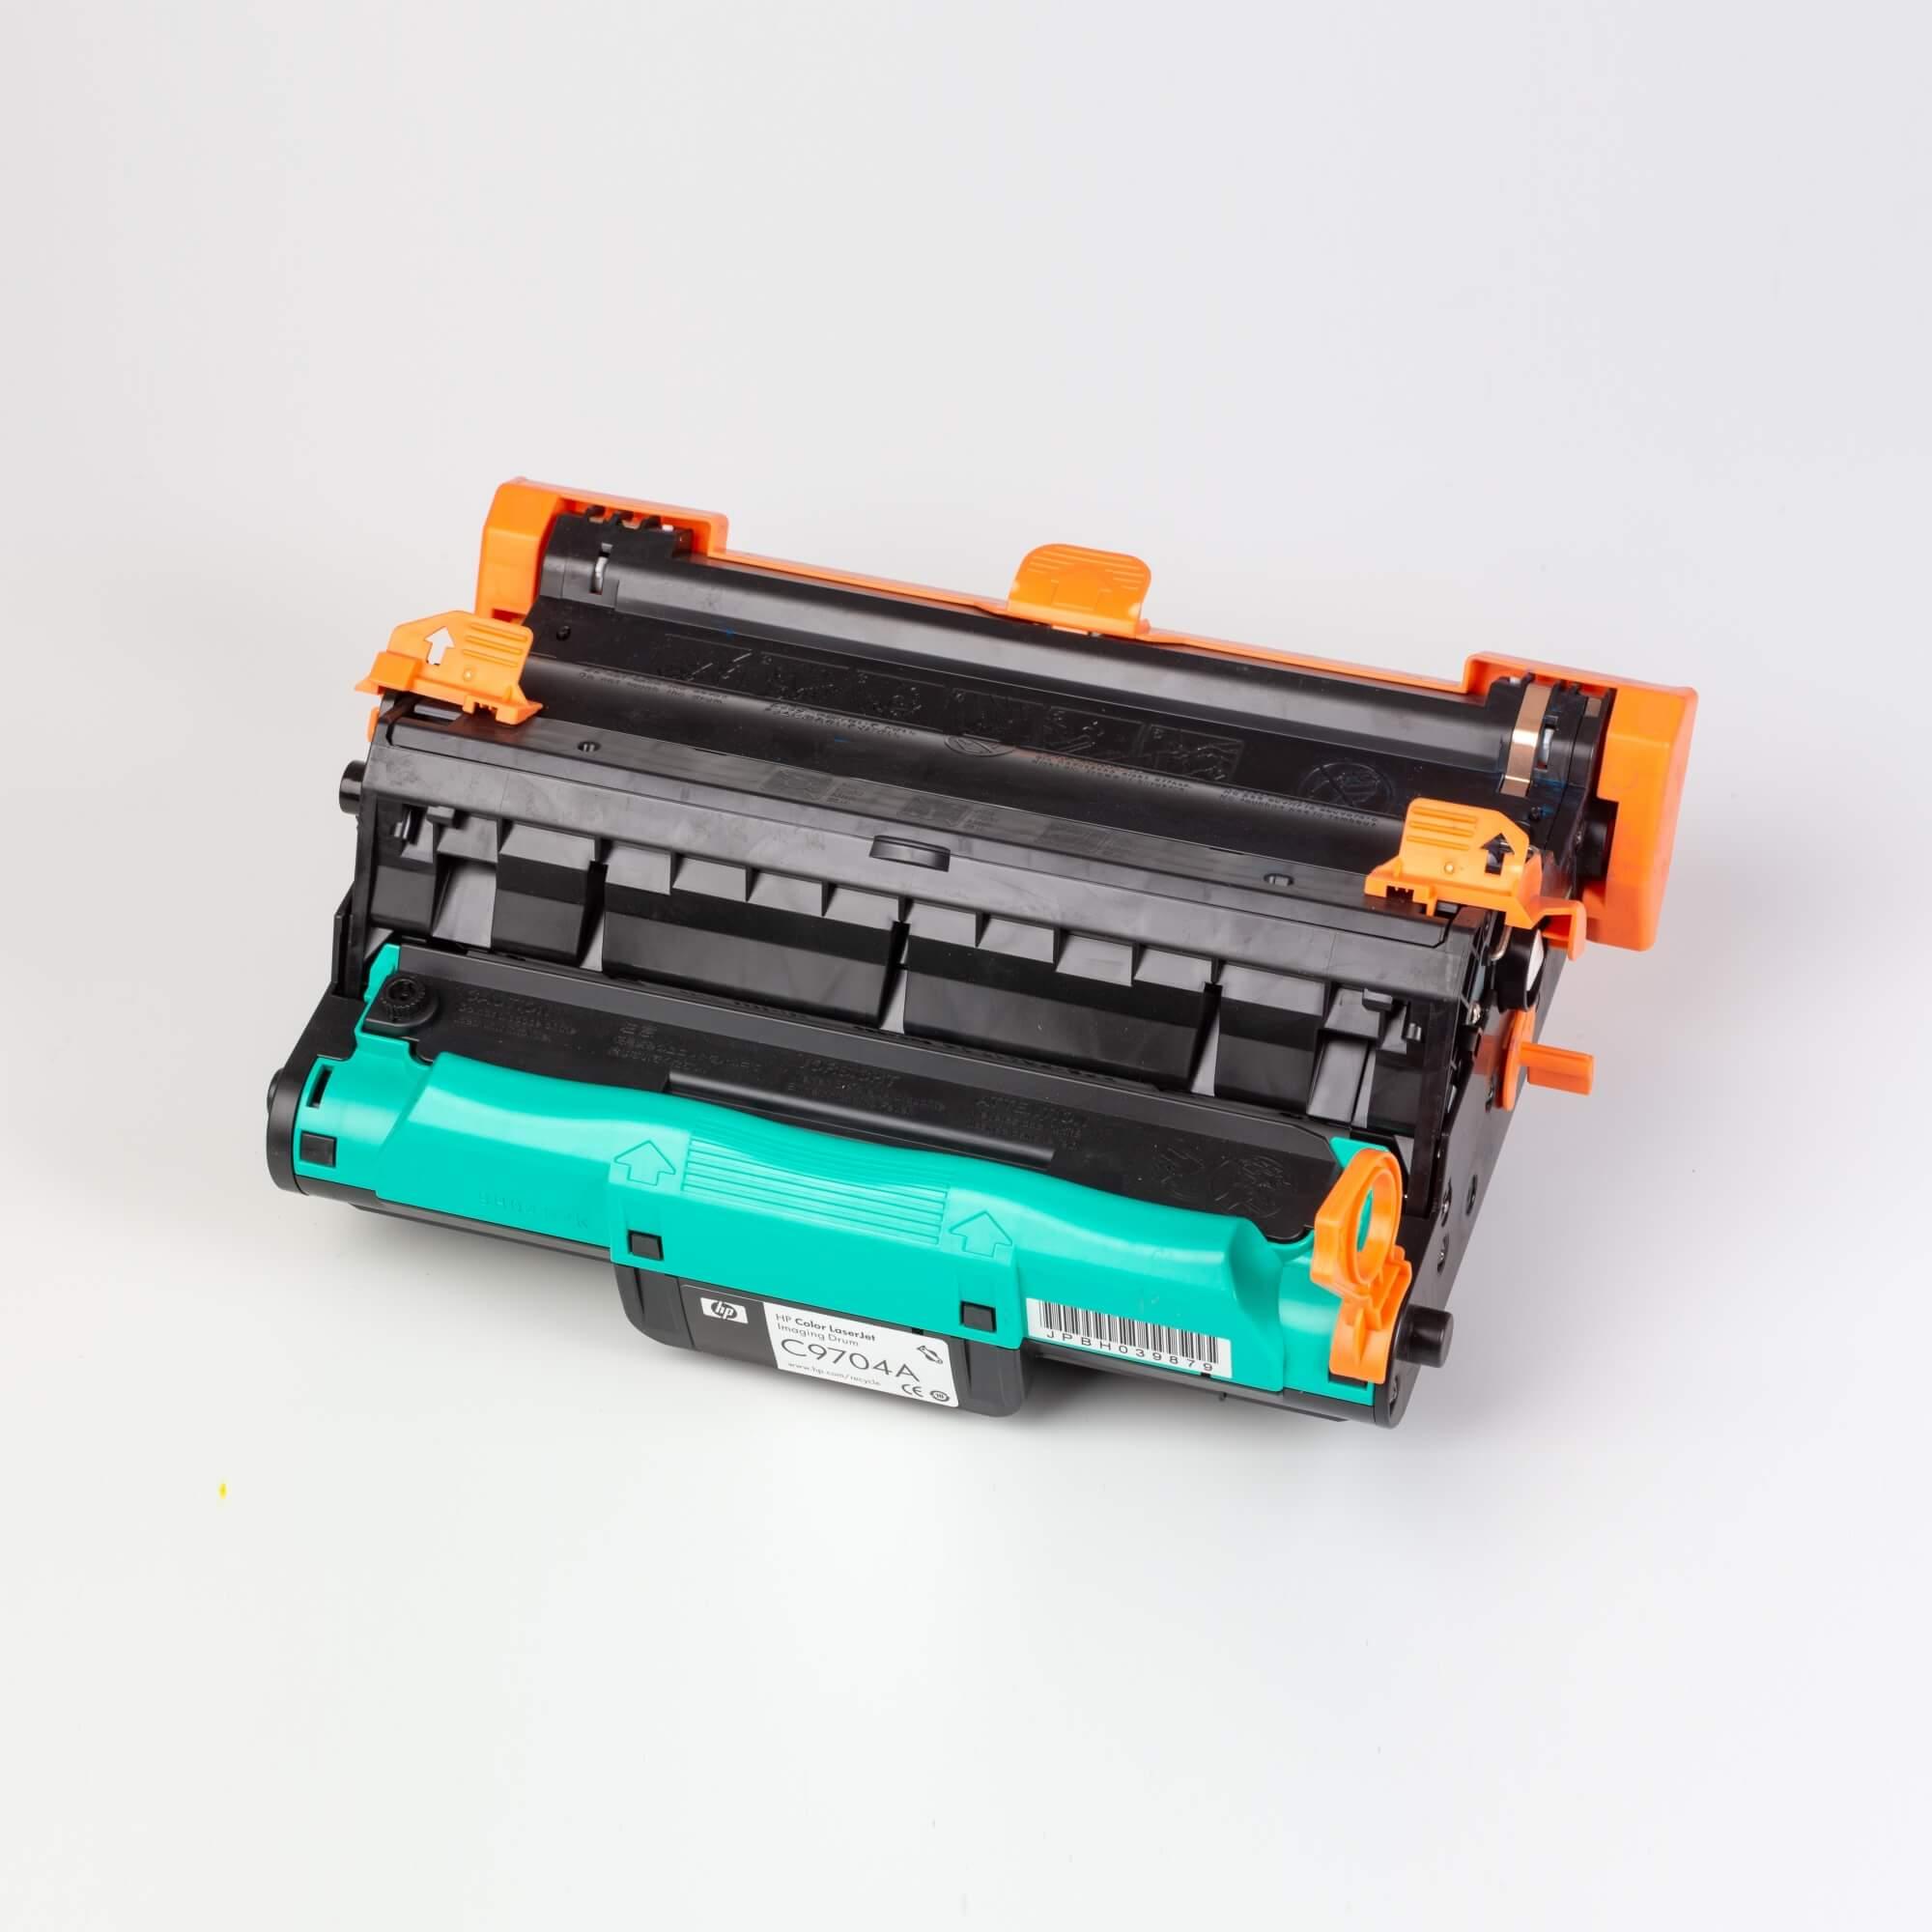 Auf dem Bild sehen Sie eine Hewlett Packard C9704A Druckwalzen-Kit